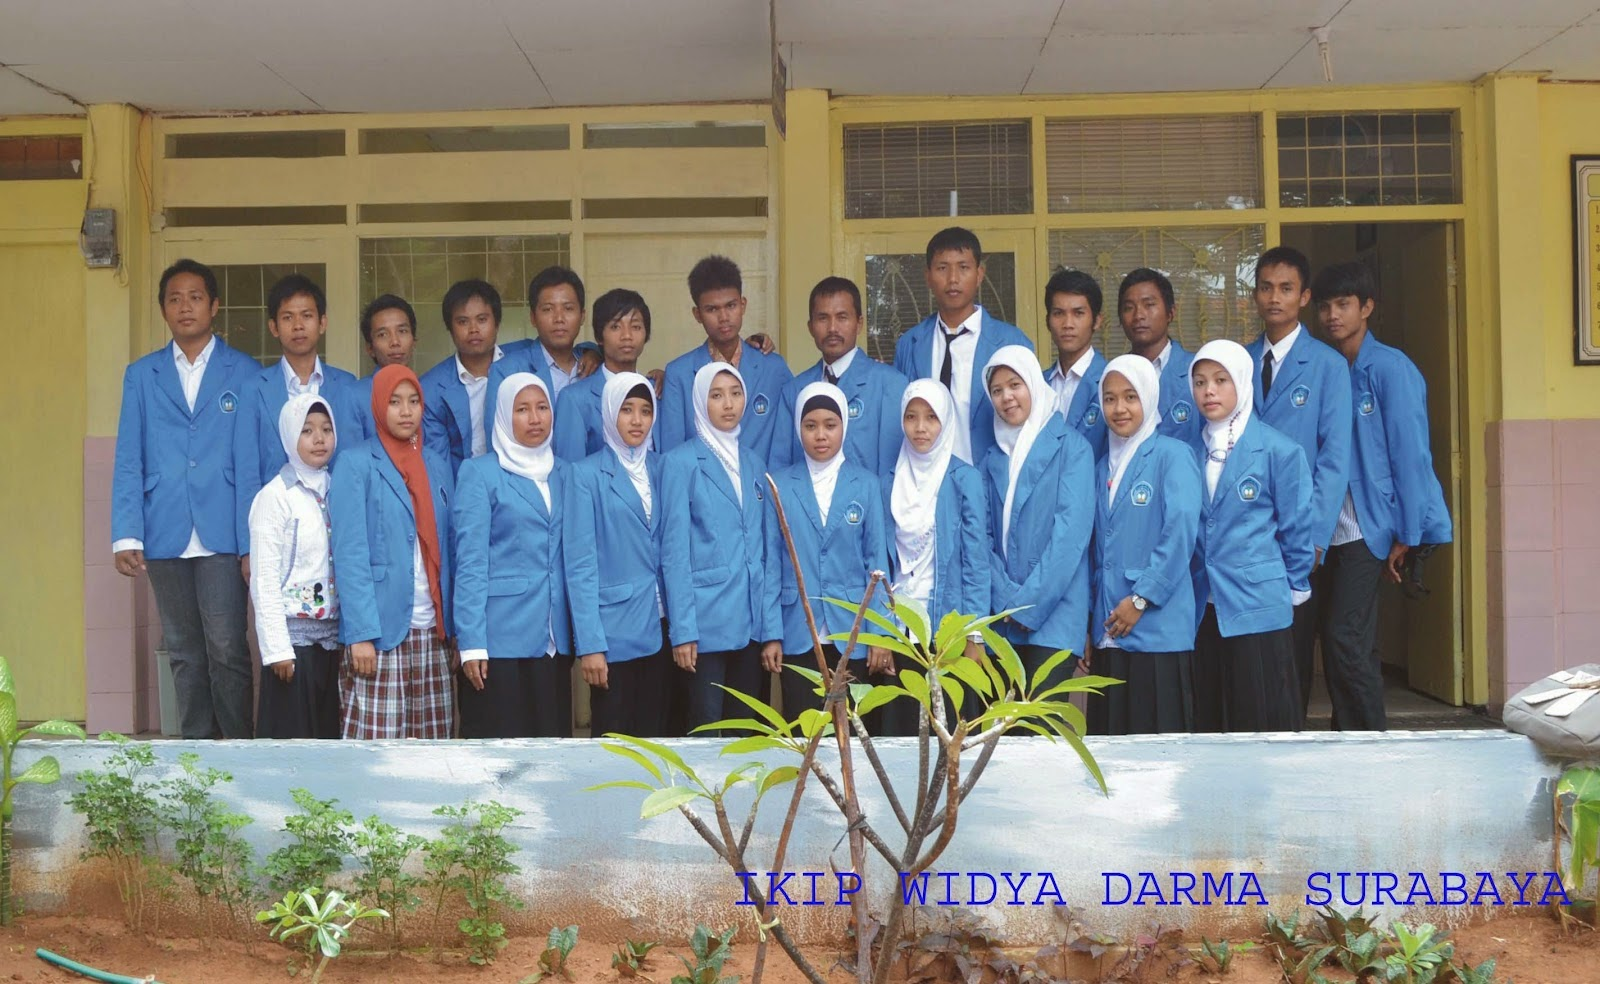 IKIP Widya Darma Surabaya